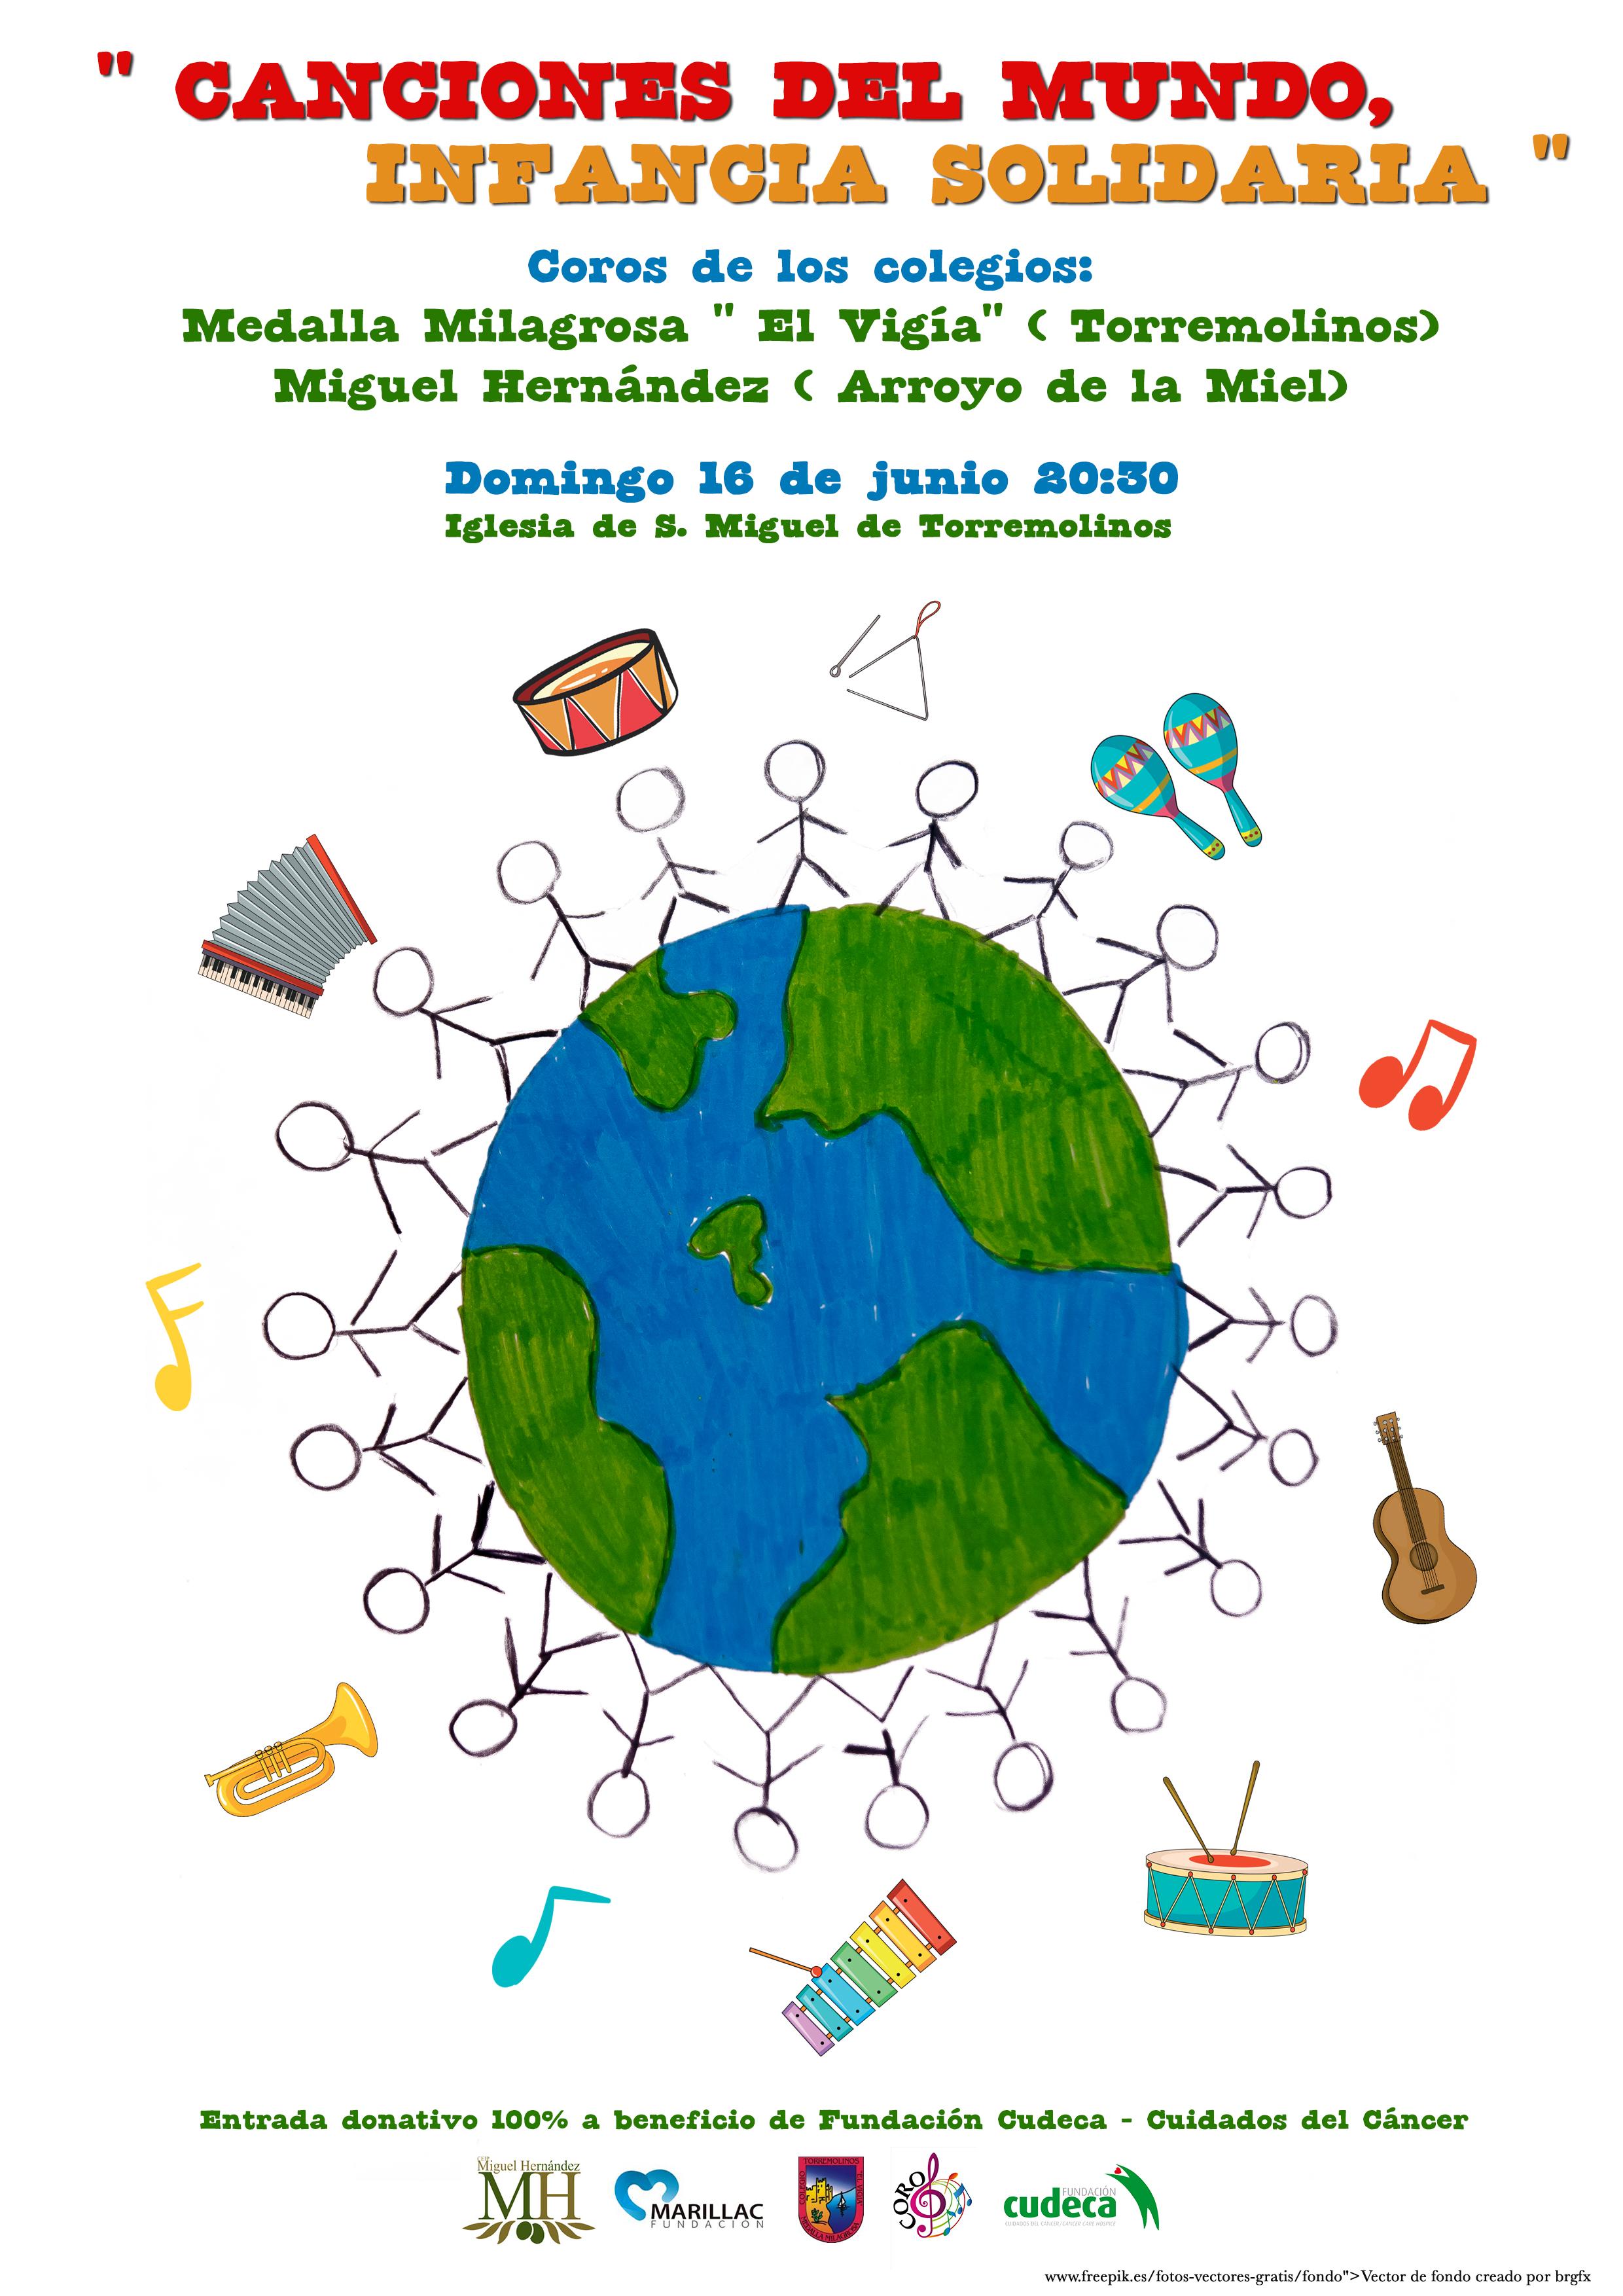 Canciones del Mundo, Infancia Solidaria